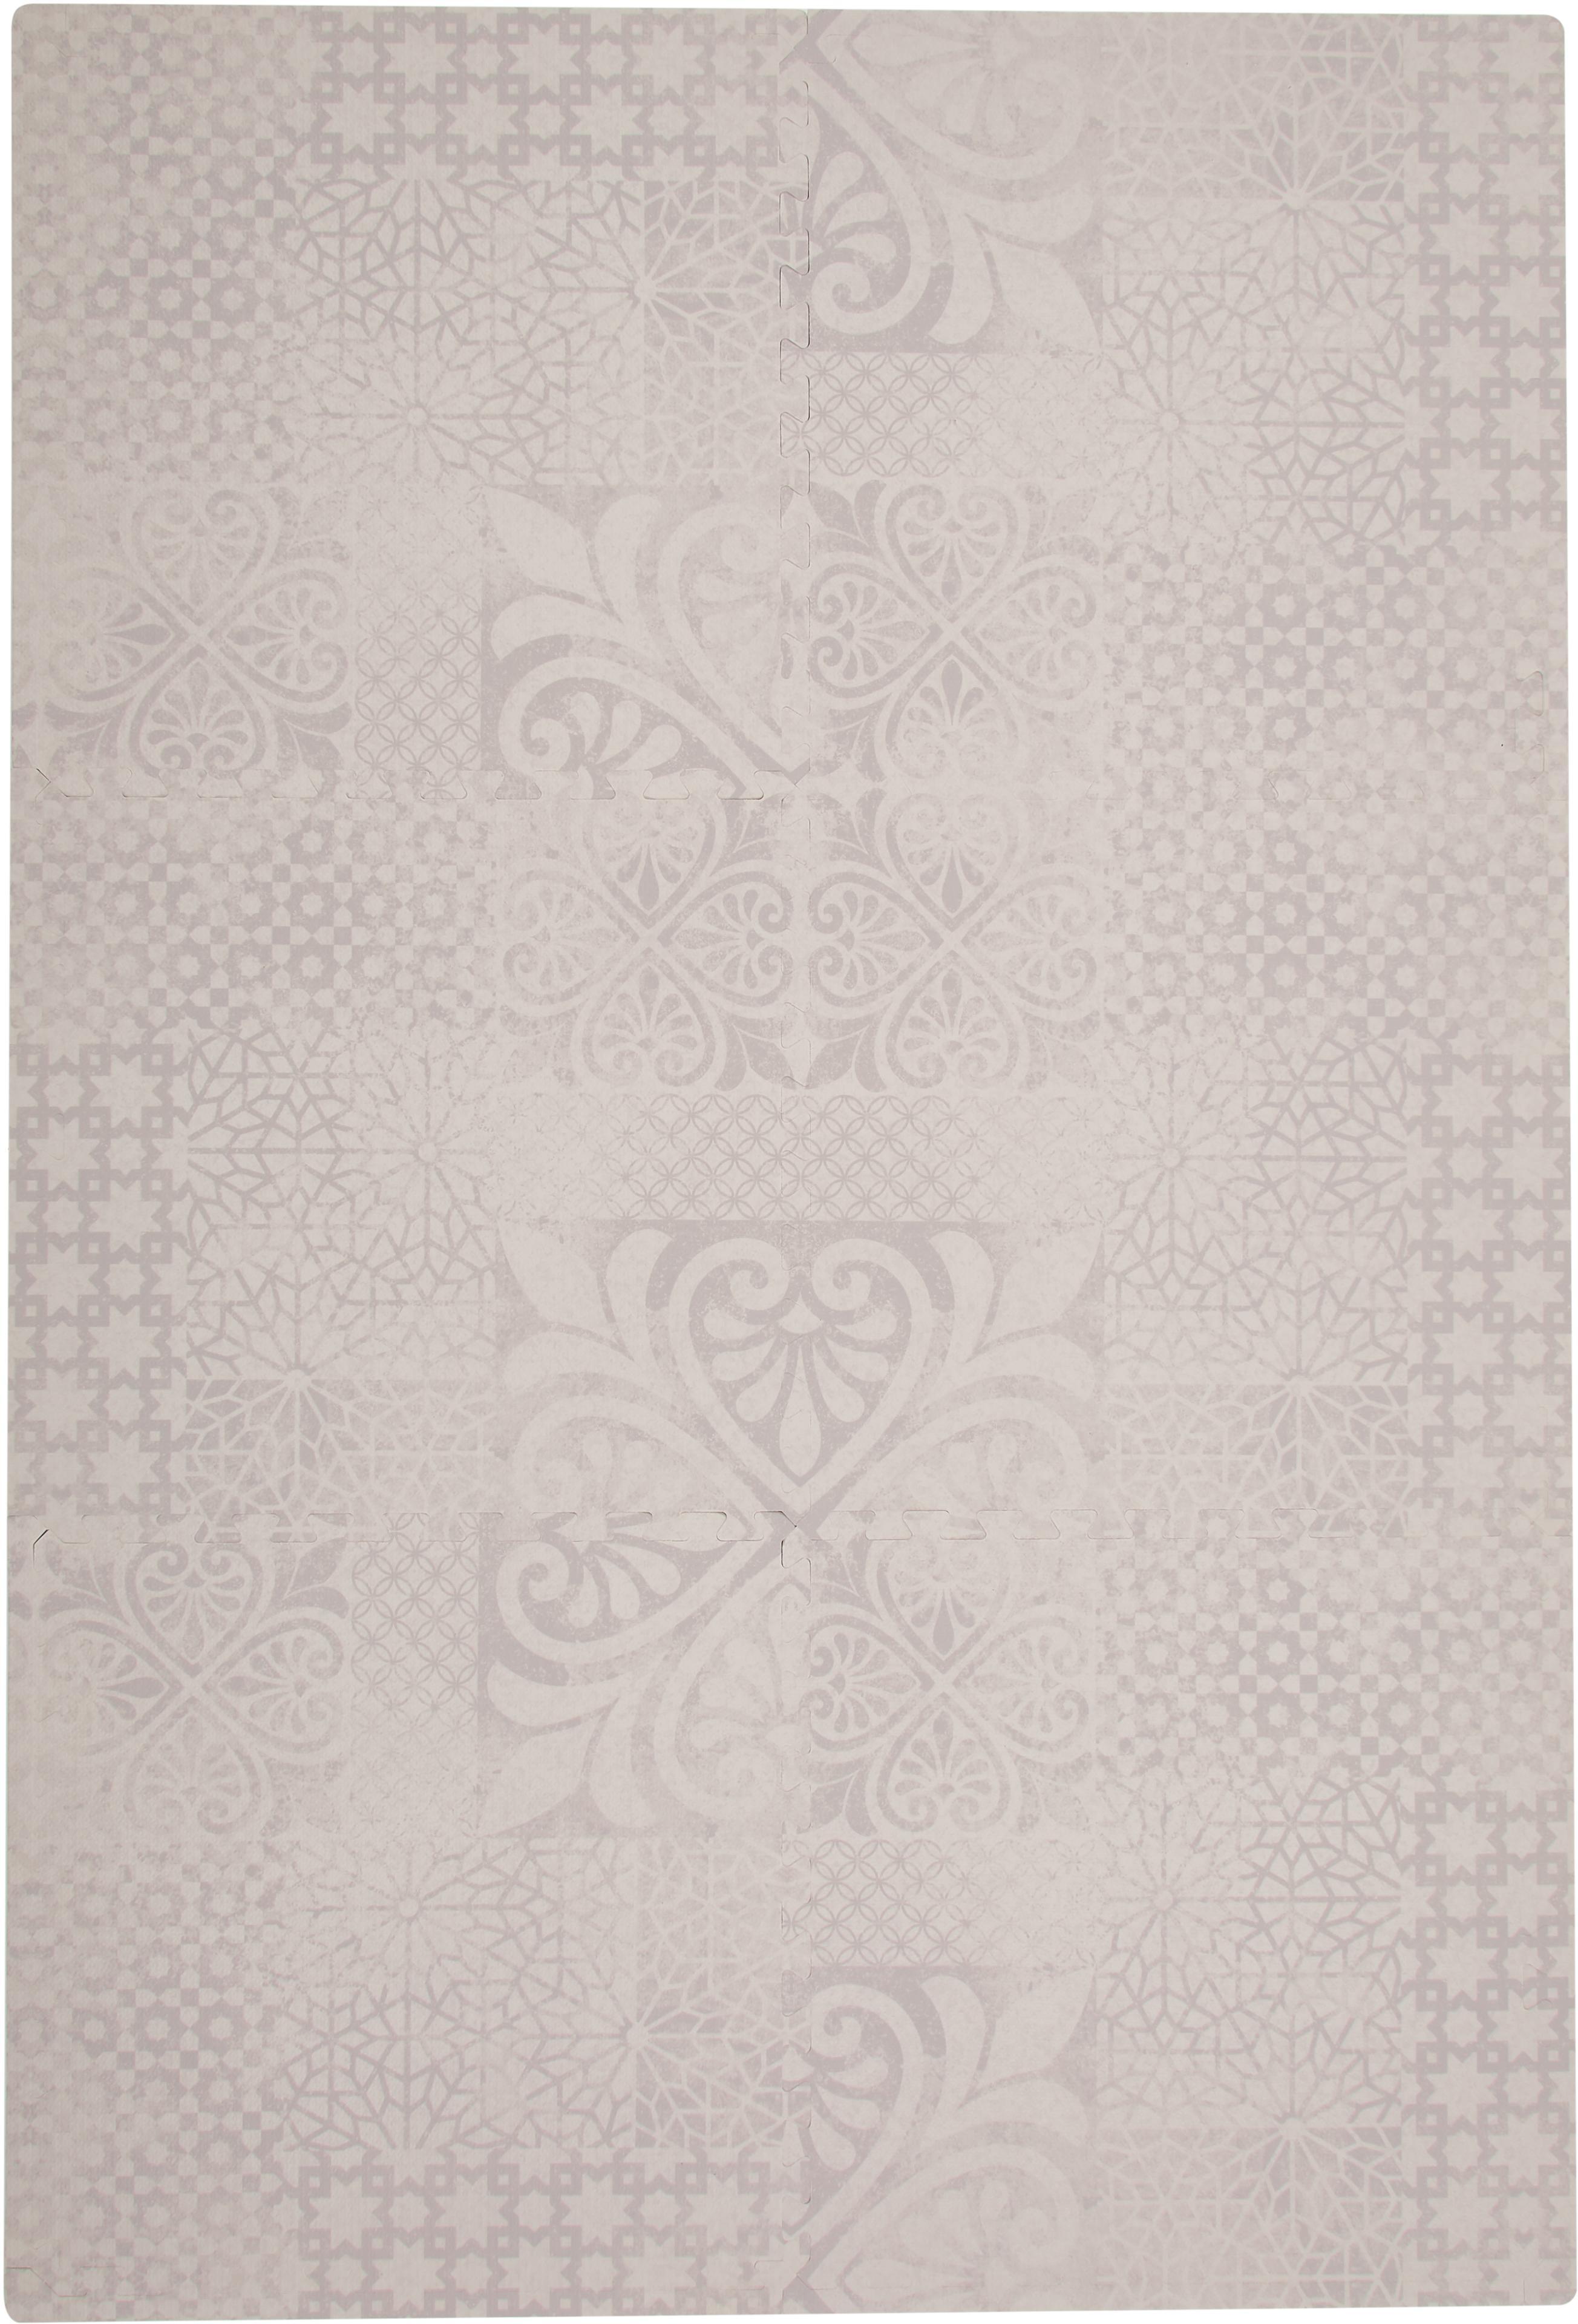 Speelmatset Persian, 18-delig, Schuimstof (EVAC), vrij van schadelijke stoffen, Beige, 120 x 180 cm